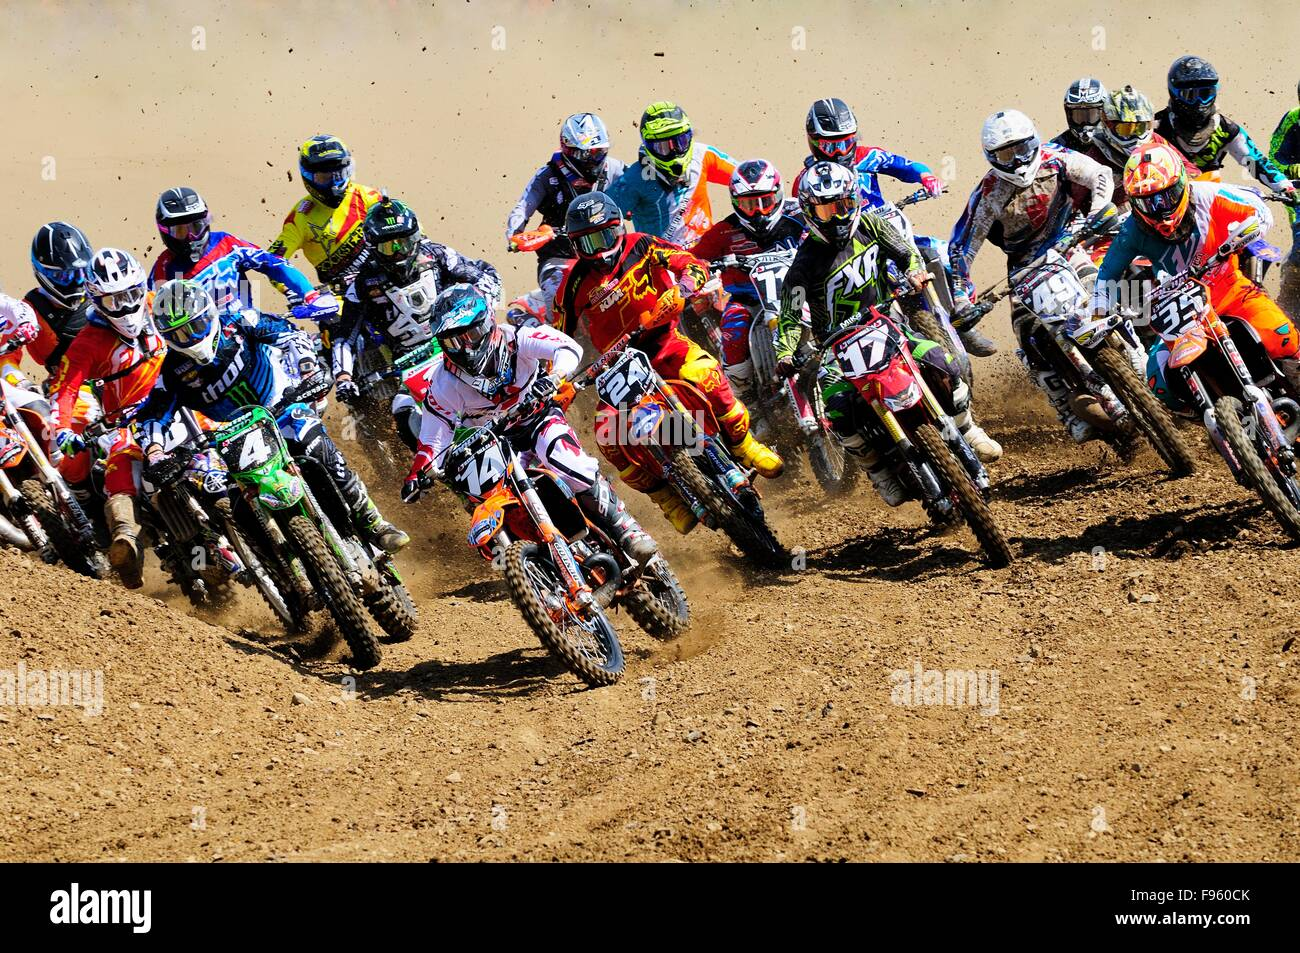 Pro motocross start